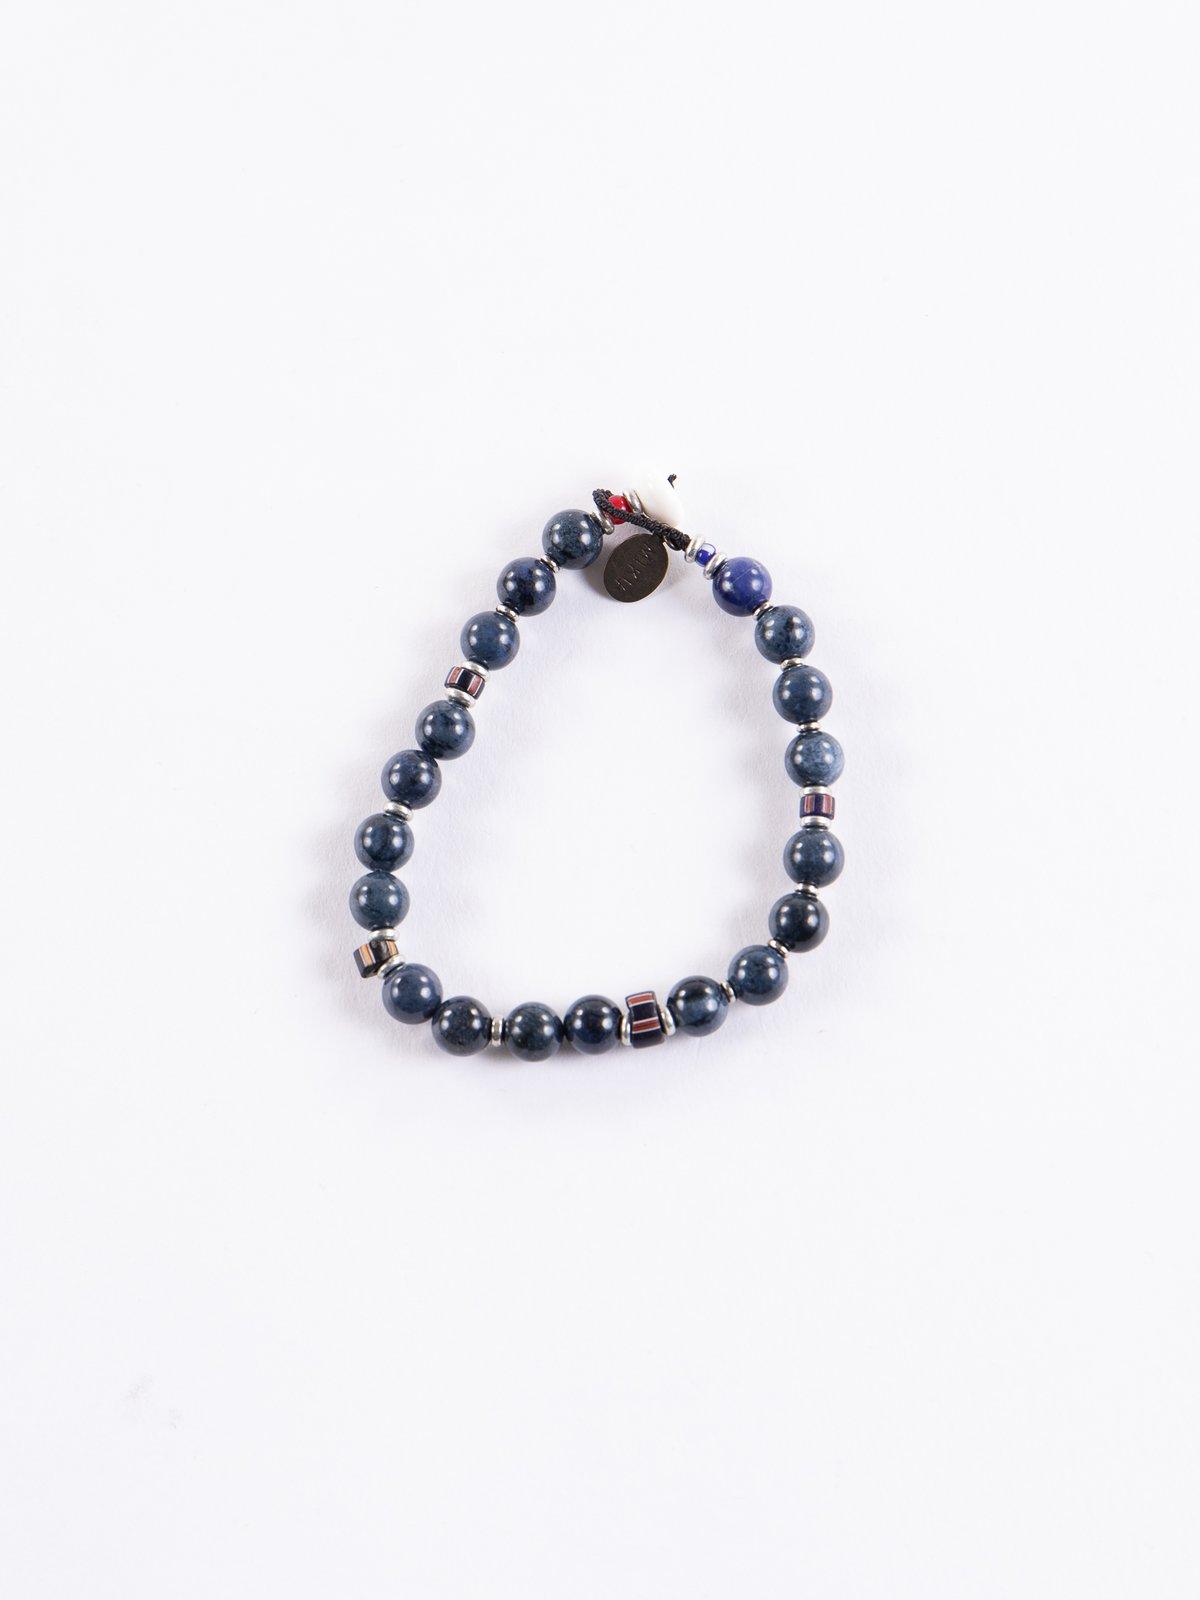 Dumortierite 8mm Bracelet - Image 1